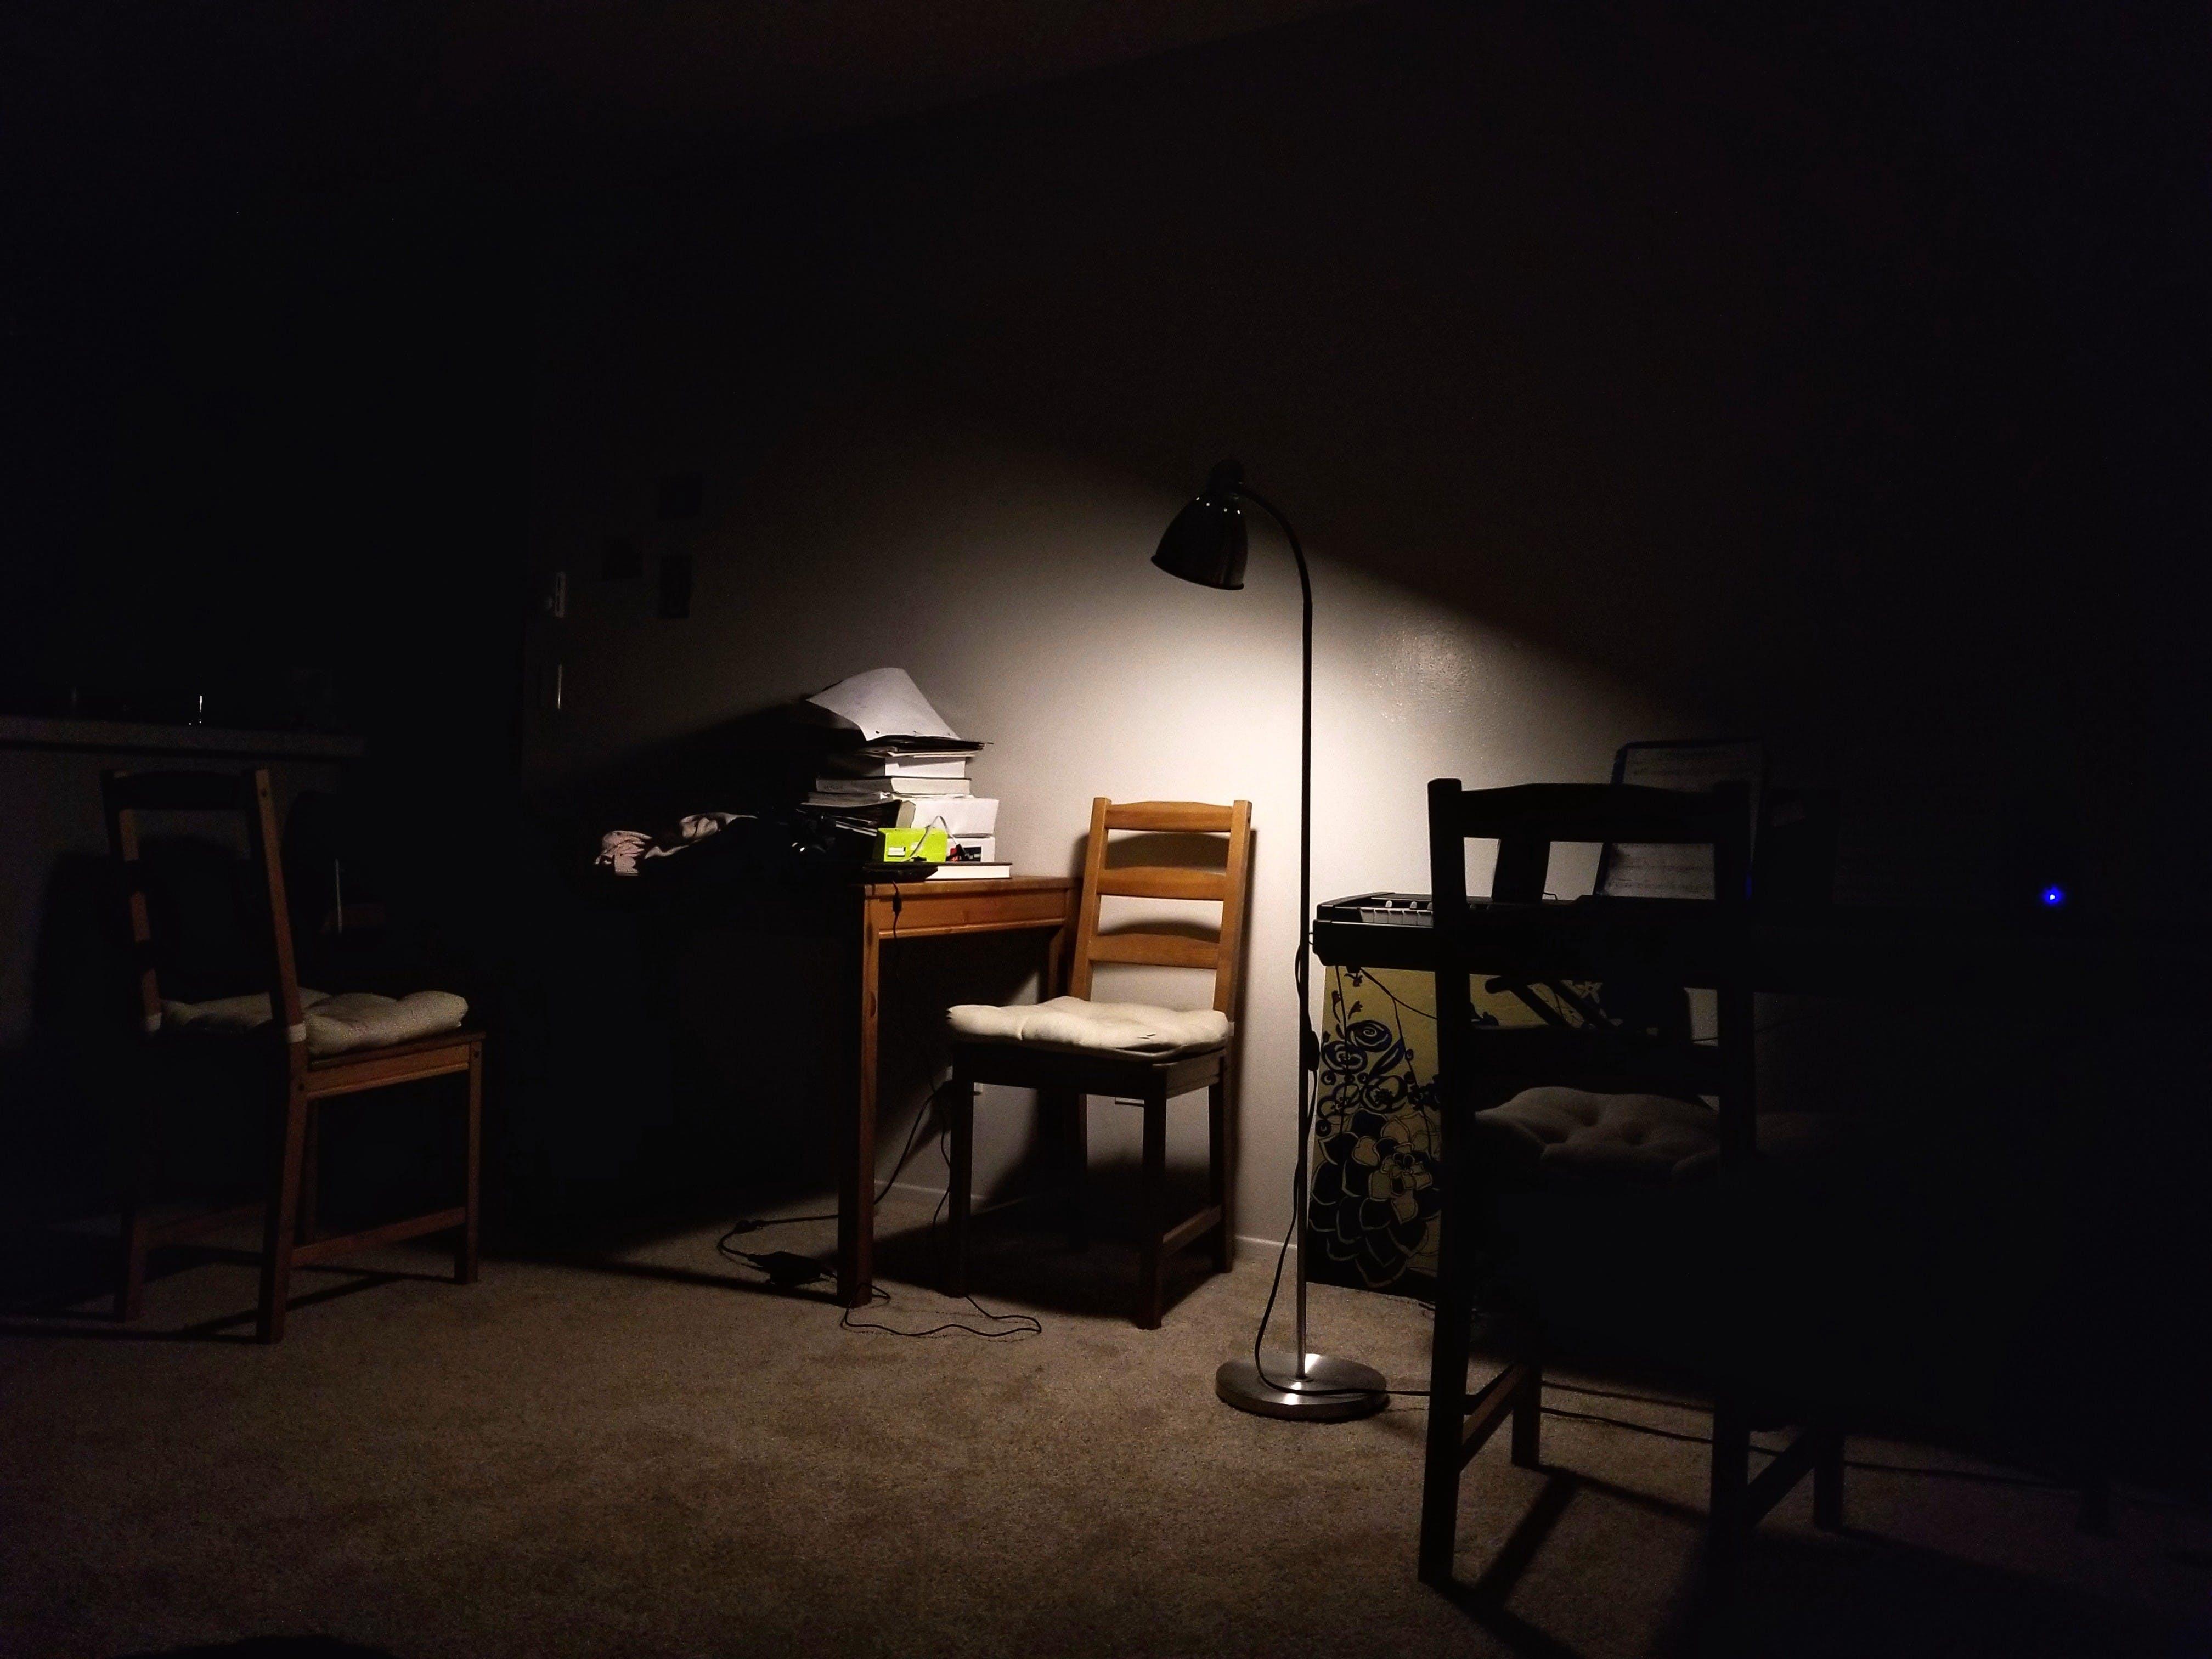 방, 사무실, 슬픈, 엉망진창의 무료 스톡 사진